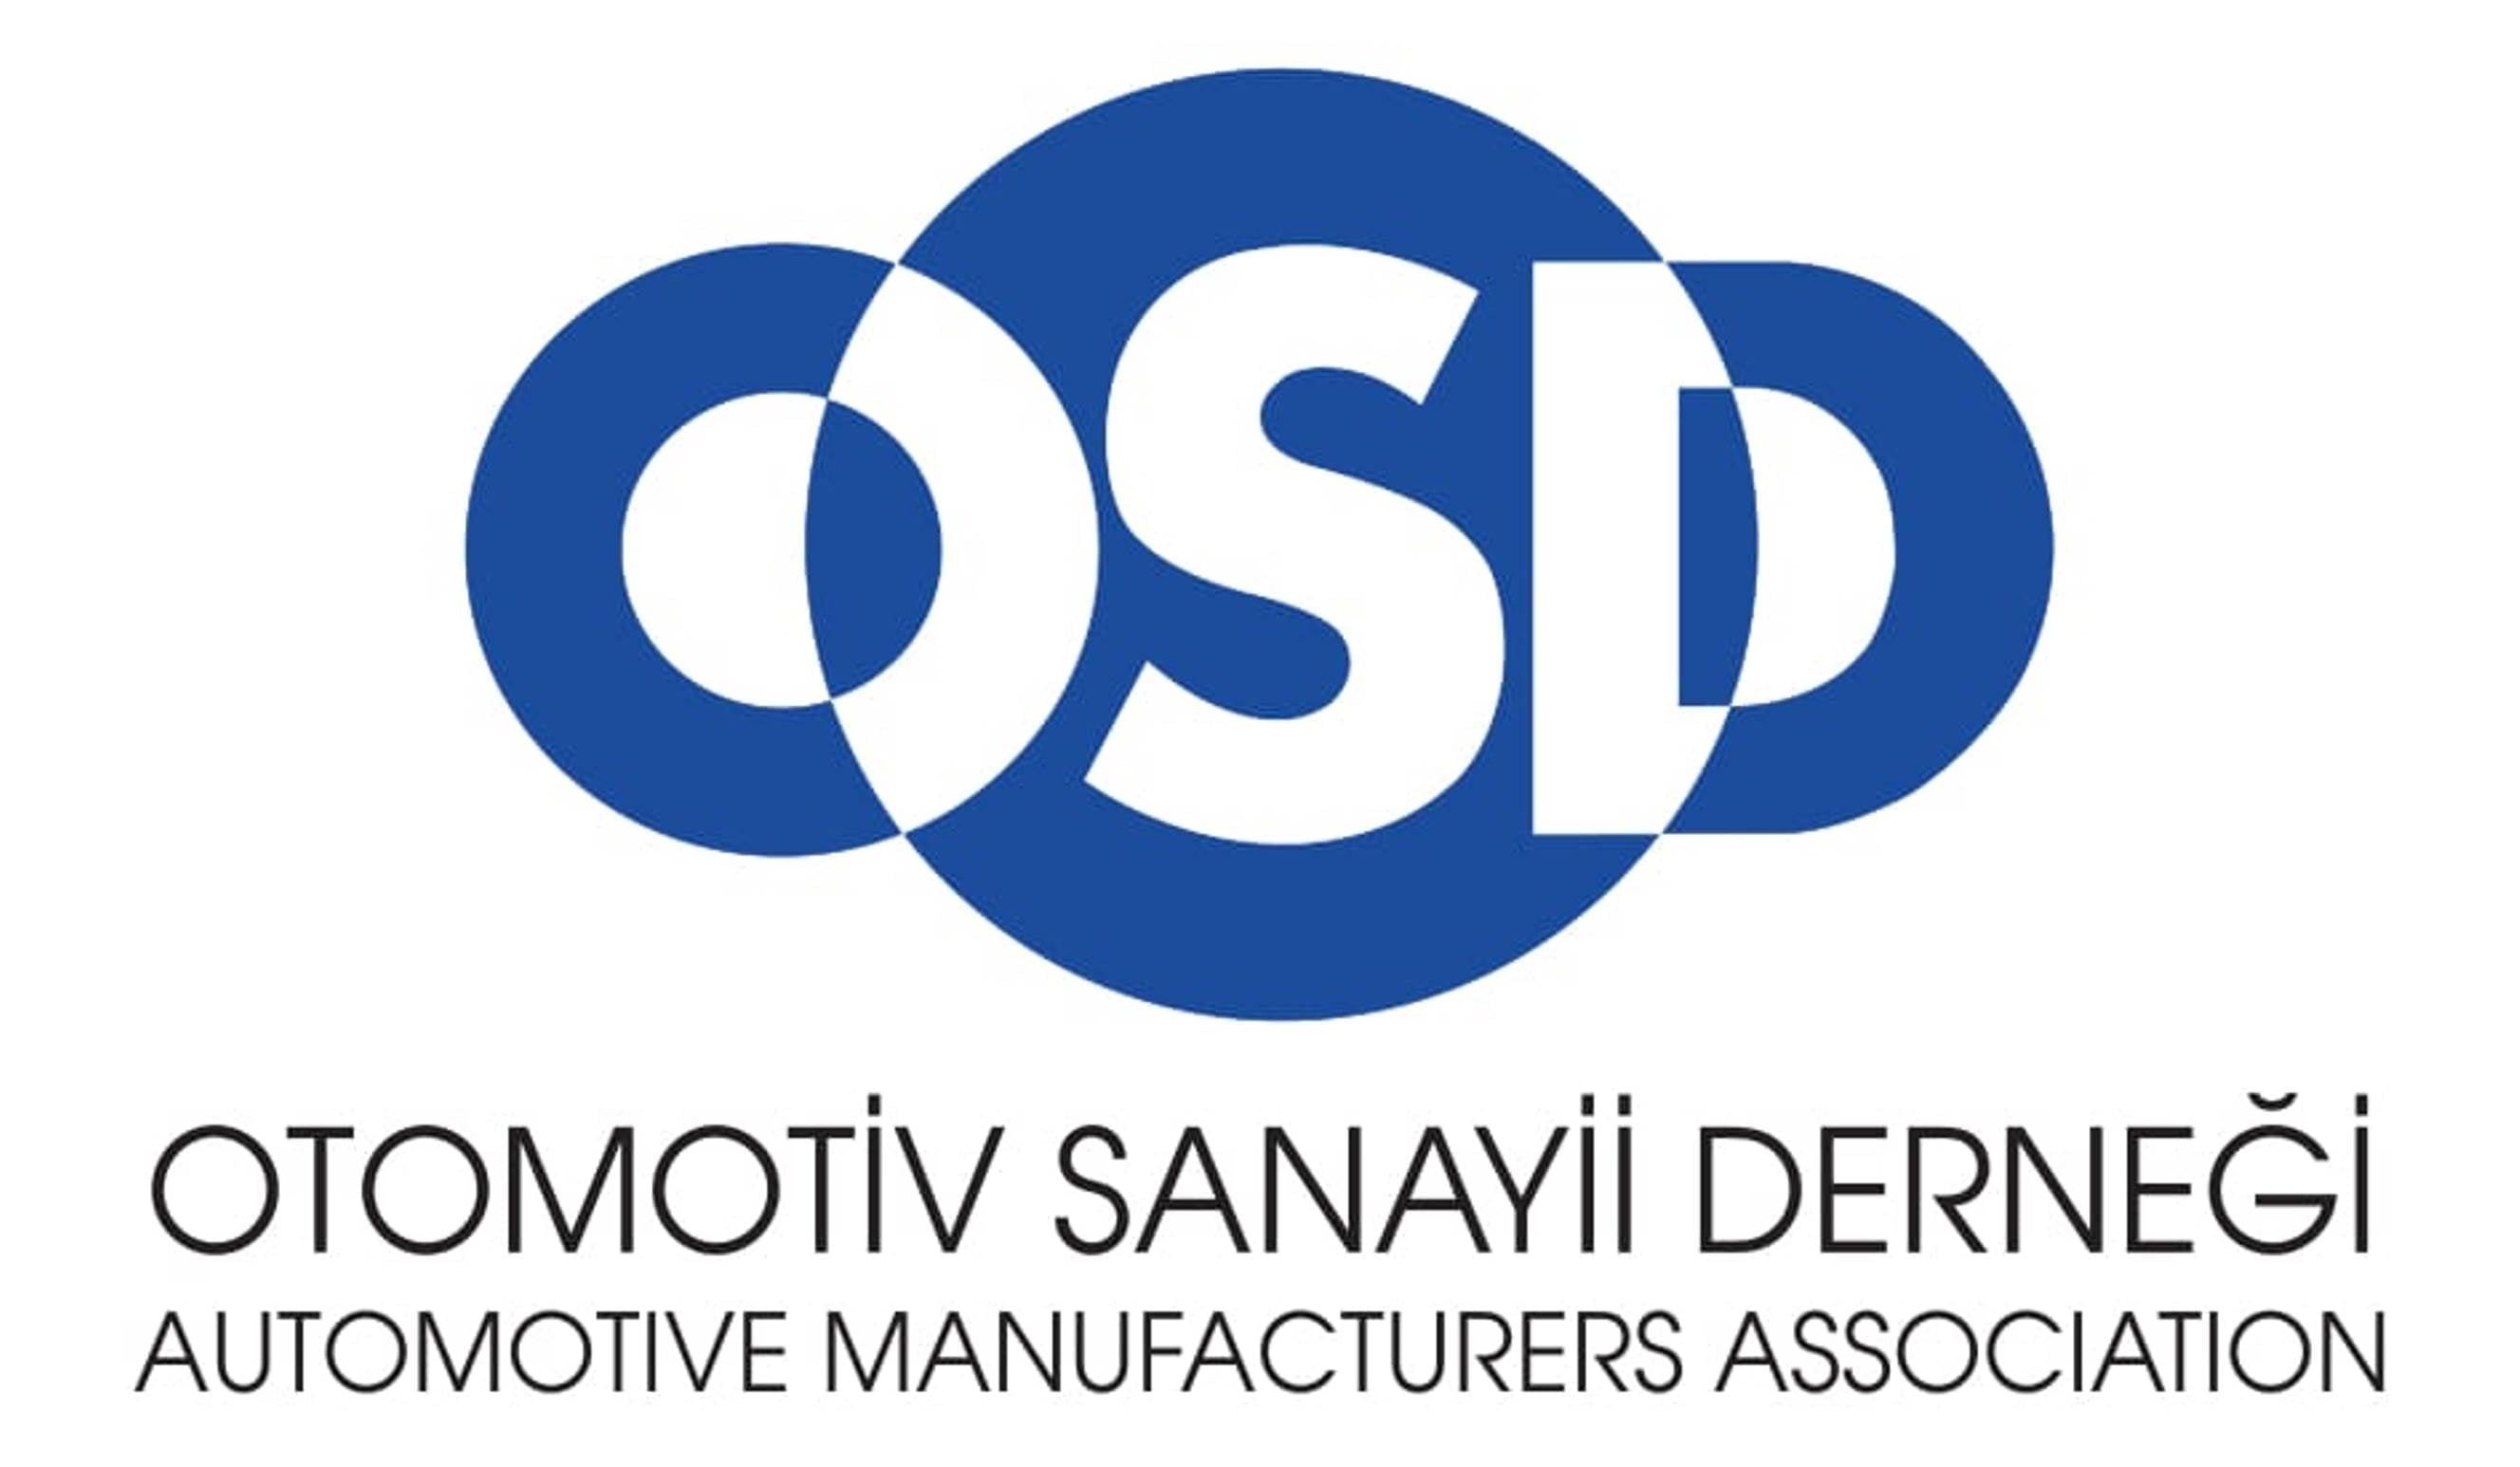 Otomotiv Sanayii Derneği, Ocak-Nisan Dönemi Verilerini Açıkladı!